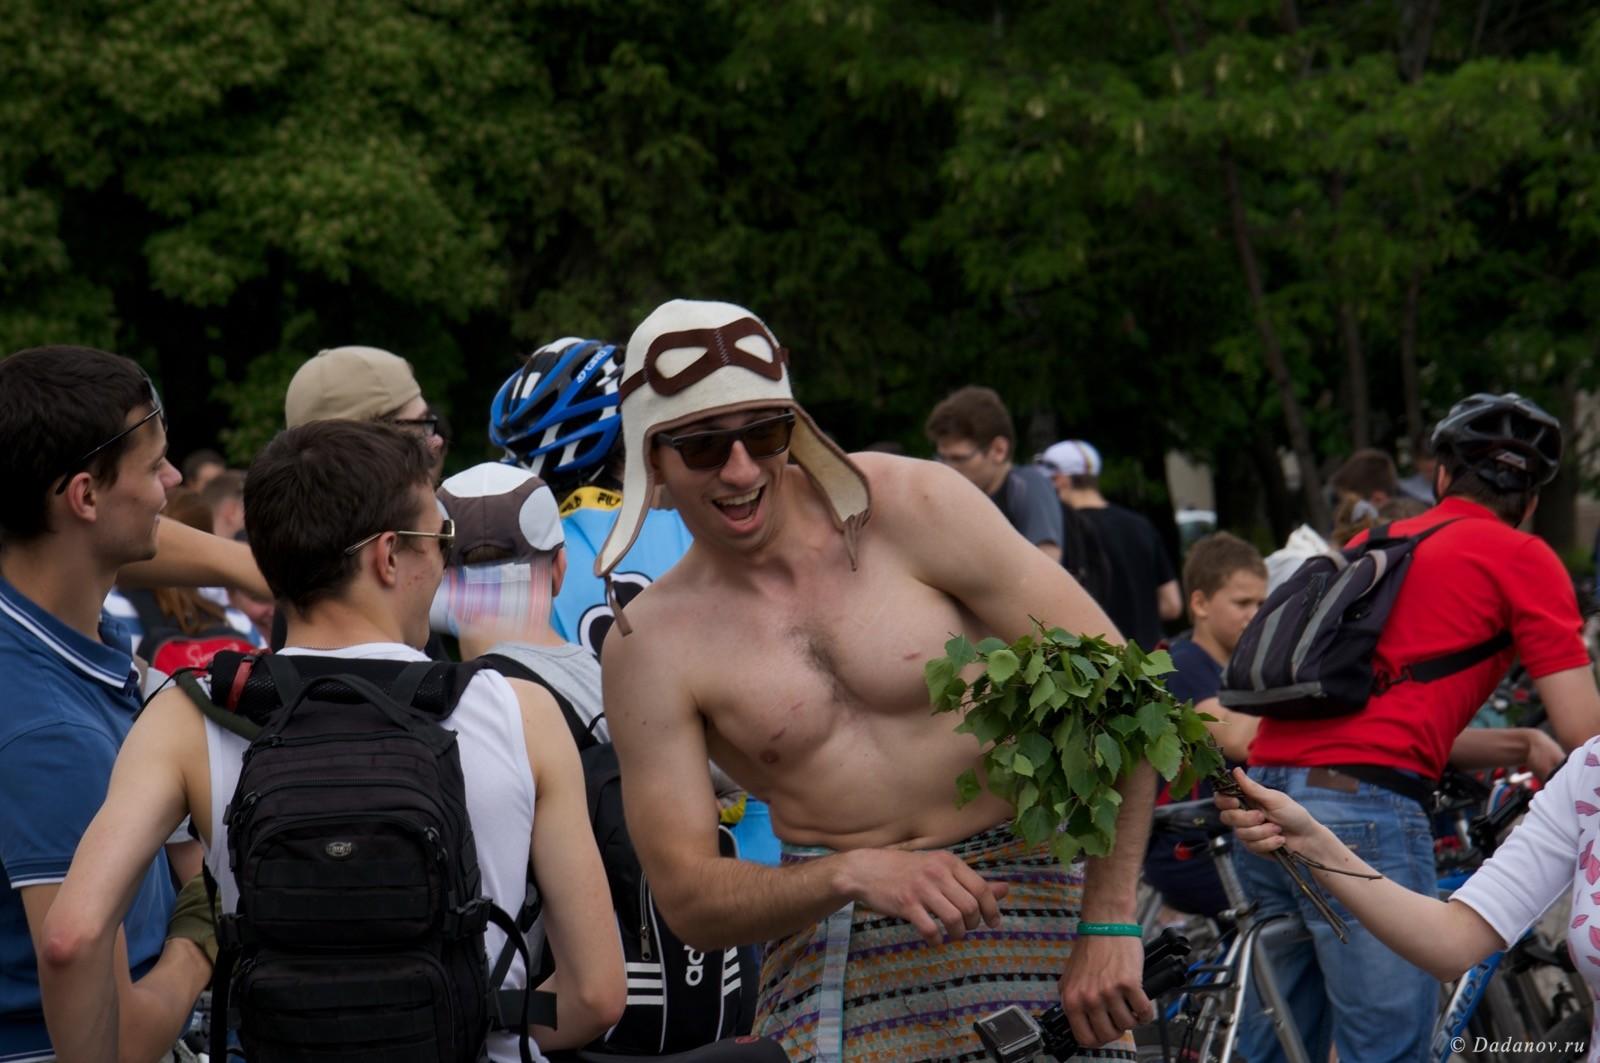 Велодень 2016 в Липецке состоялся. Фотографии с мероприятия 2992